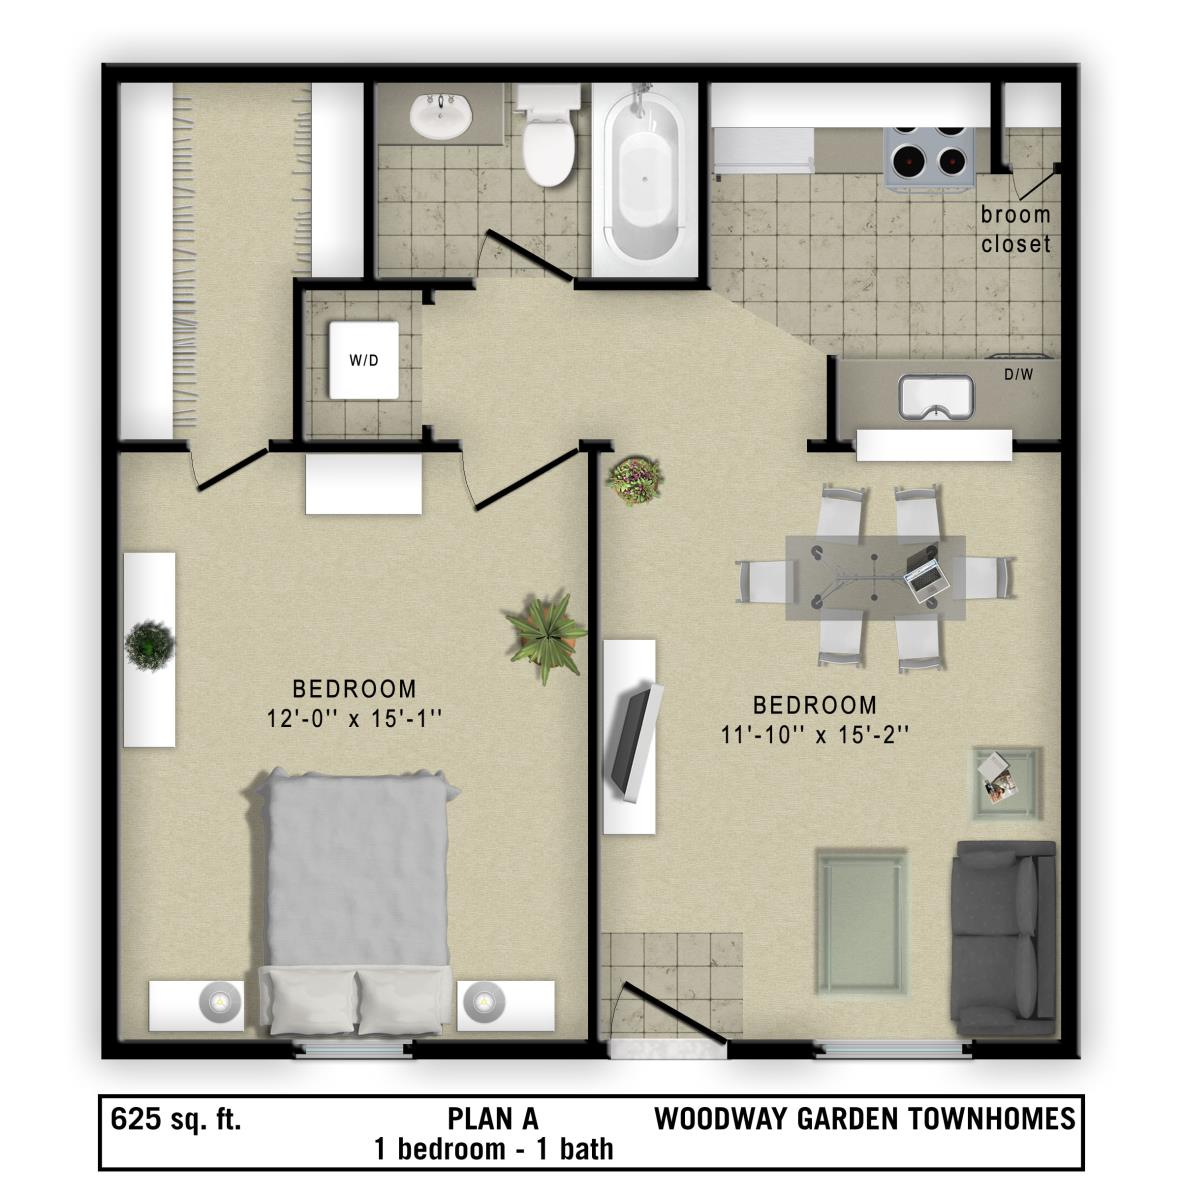 625 sq. ft. 2 floor plan